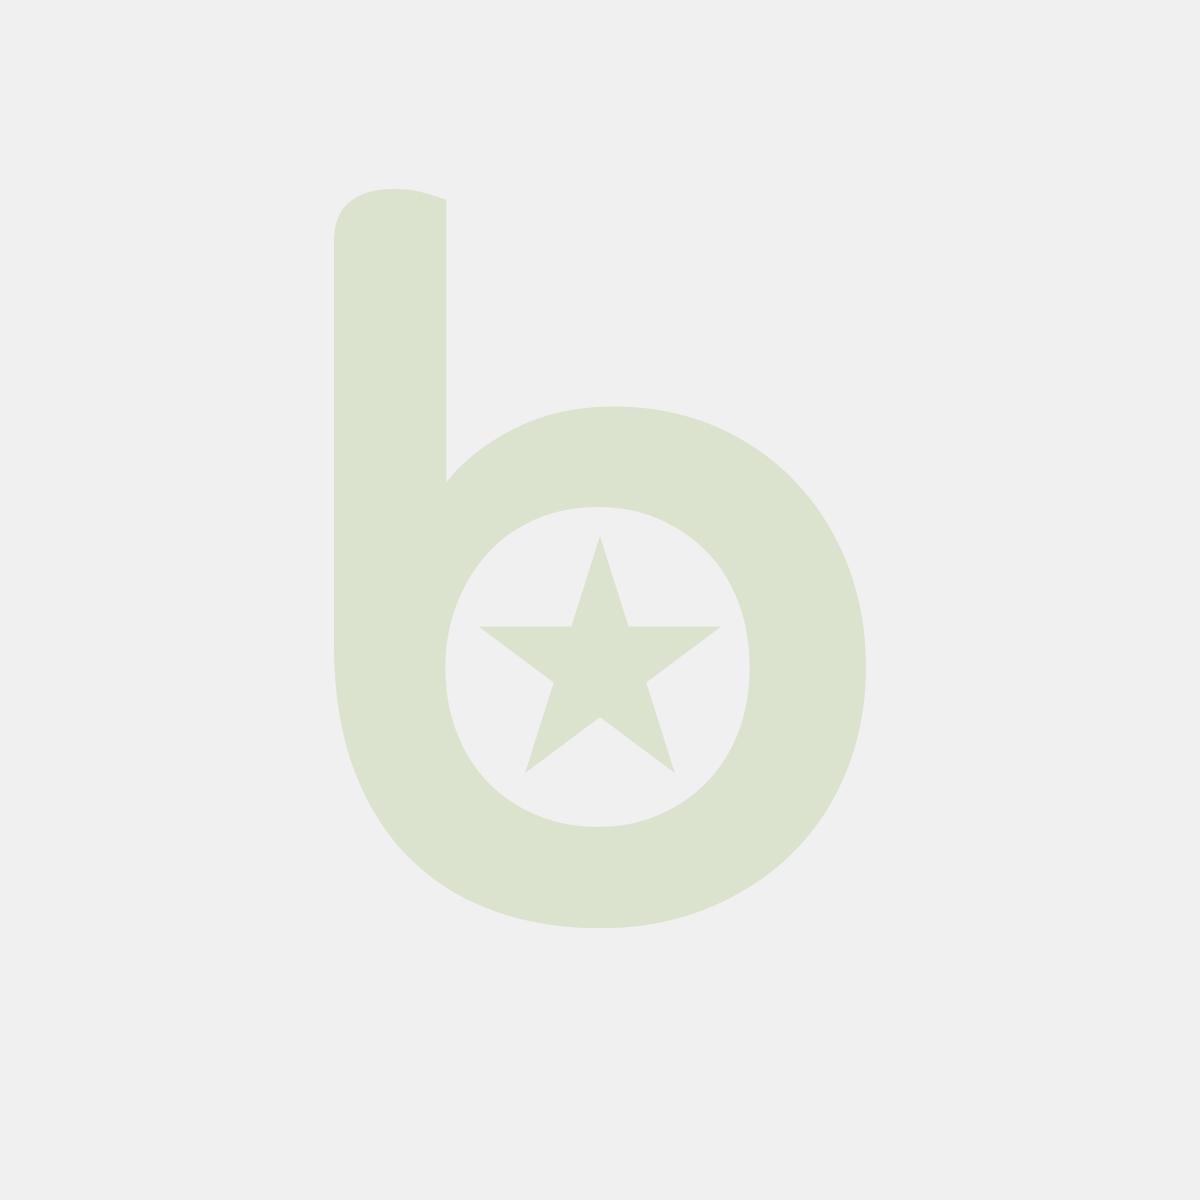 Serwetki PAPSTAR Royal Collection Casali 40x40 brązowe, opakowanie 50szt